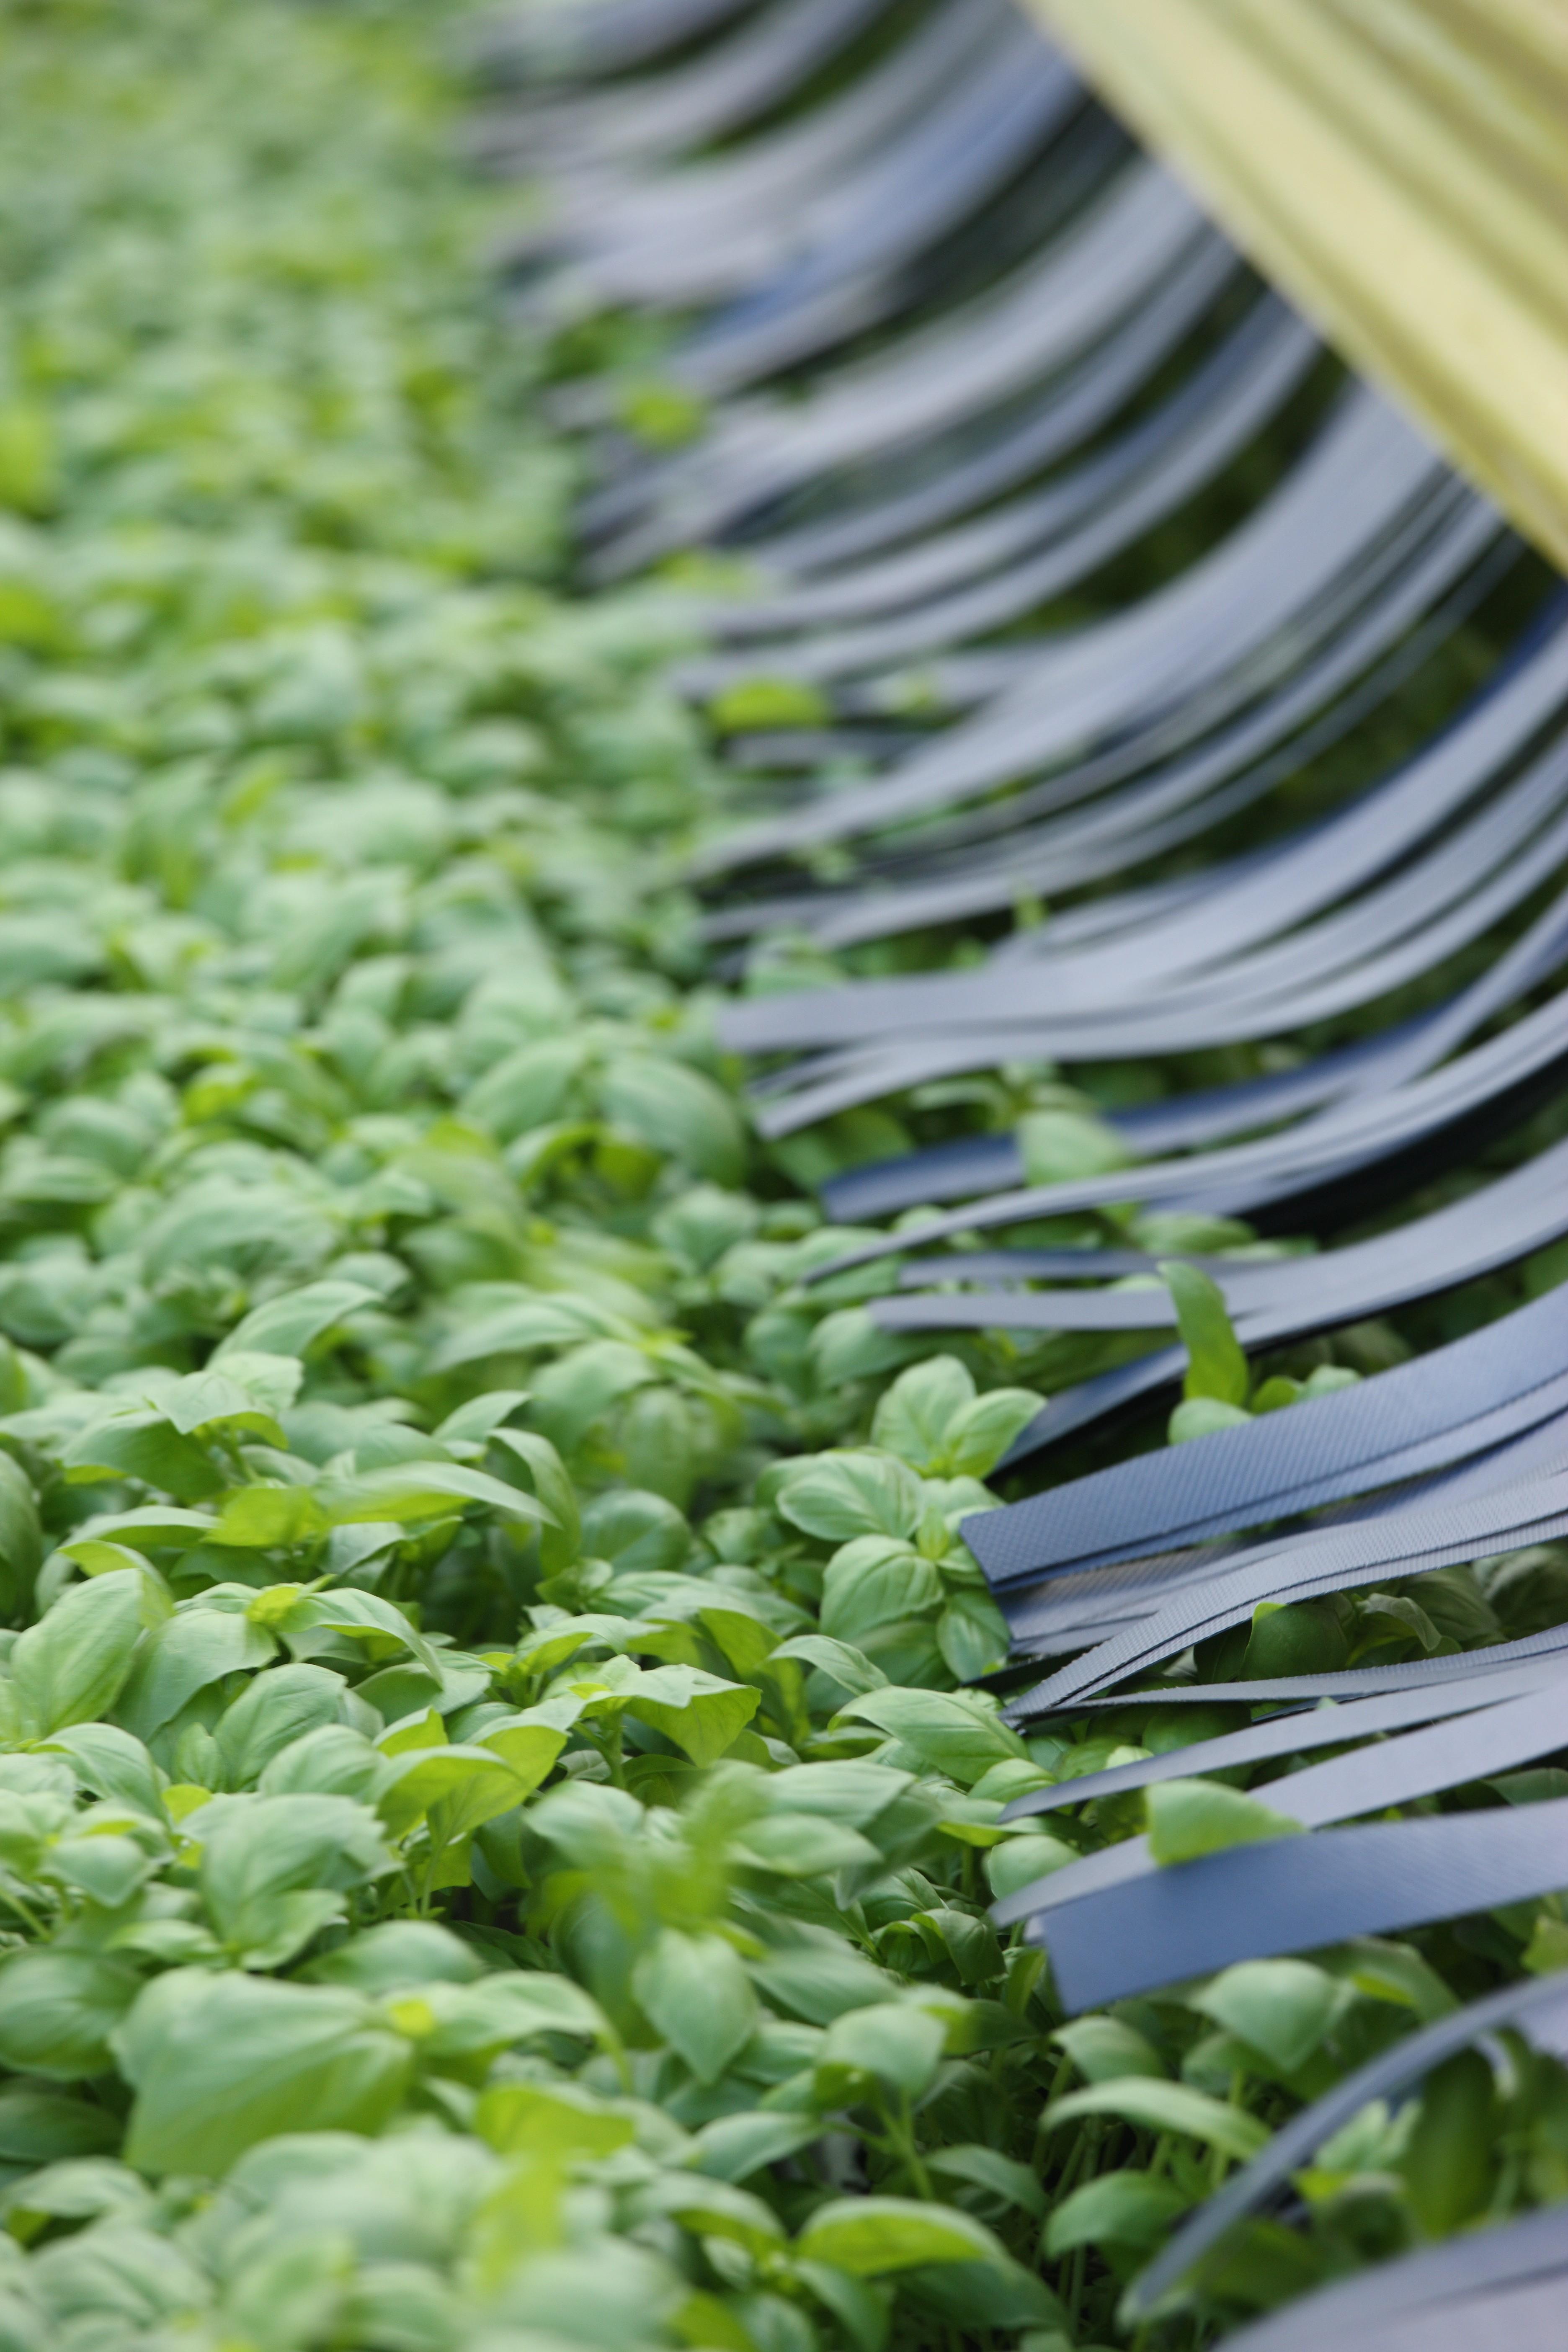 Shenandoah Growers